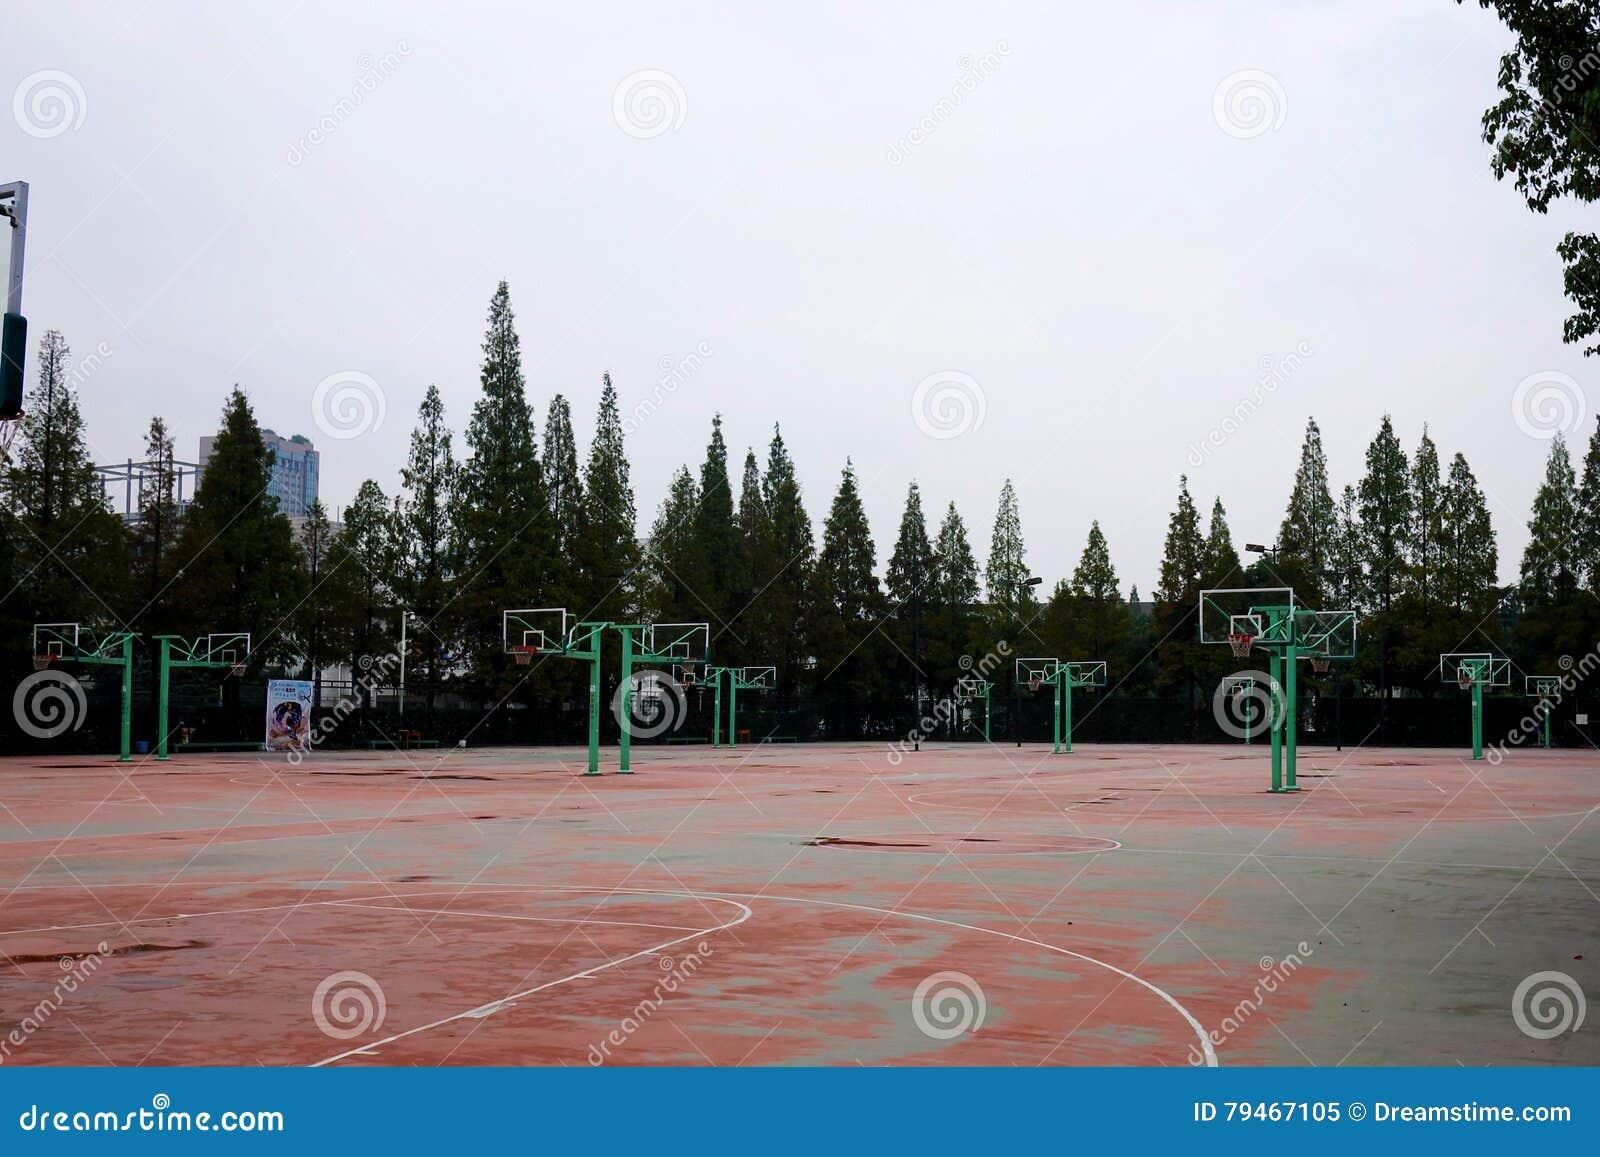 Campo da pallacanestro della scuola immagine editoriale - Immagini stampabili di pallacanestro ...